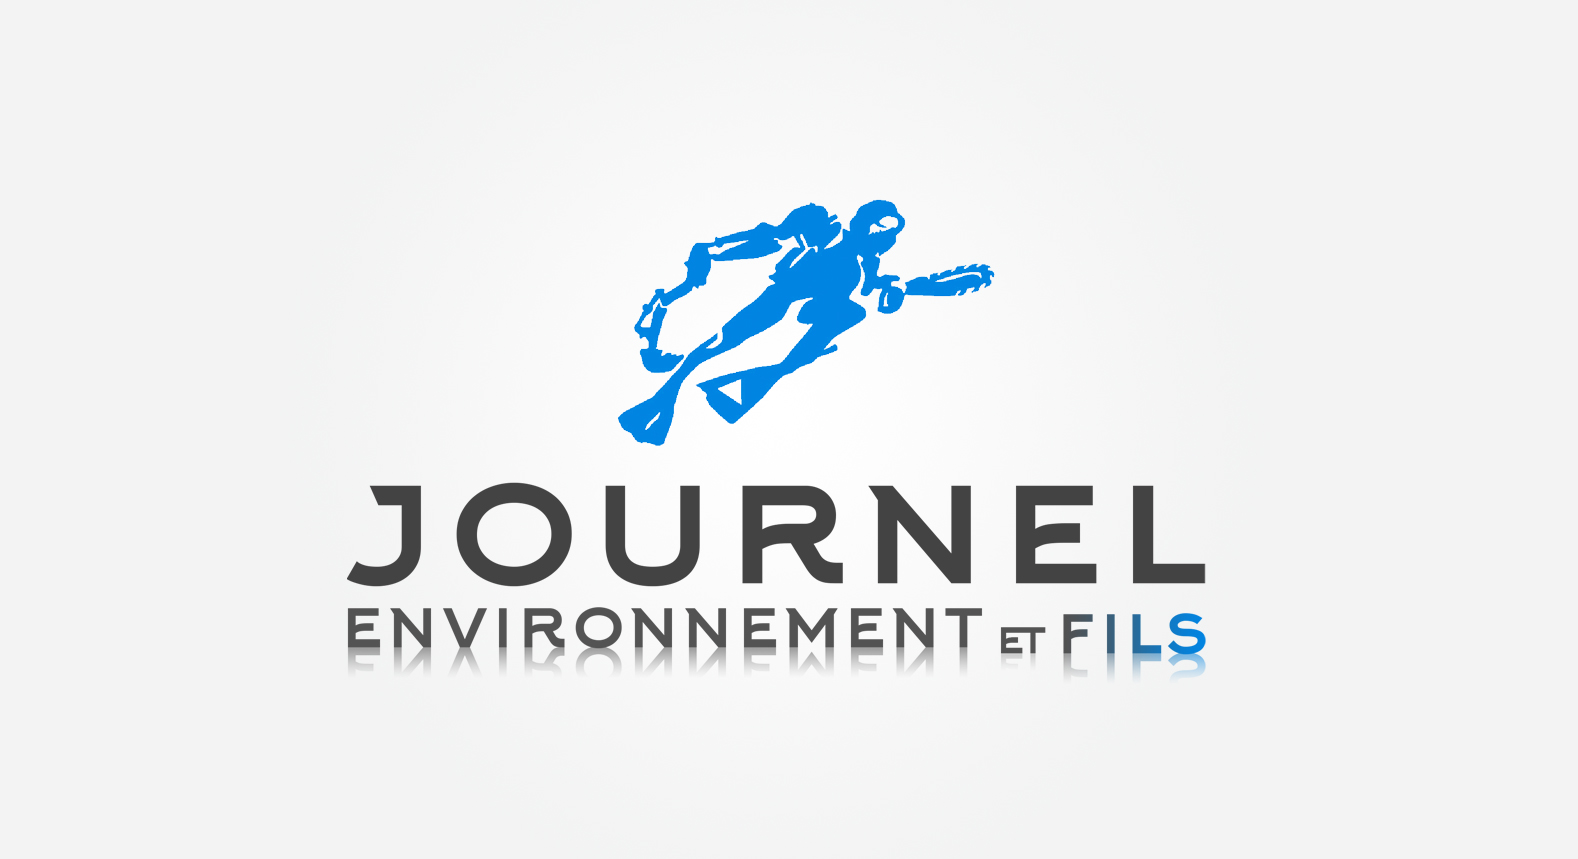 JOURNEL-ENVIRONNEMENT-ET-FILS-logo